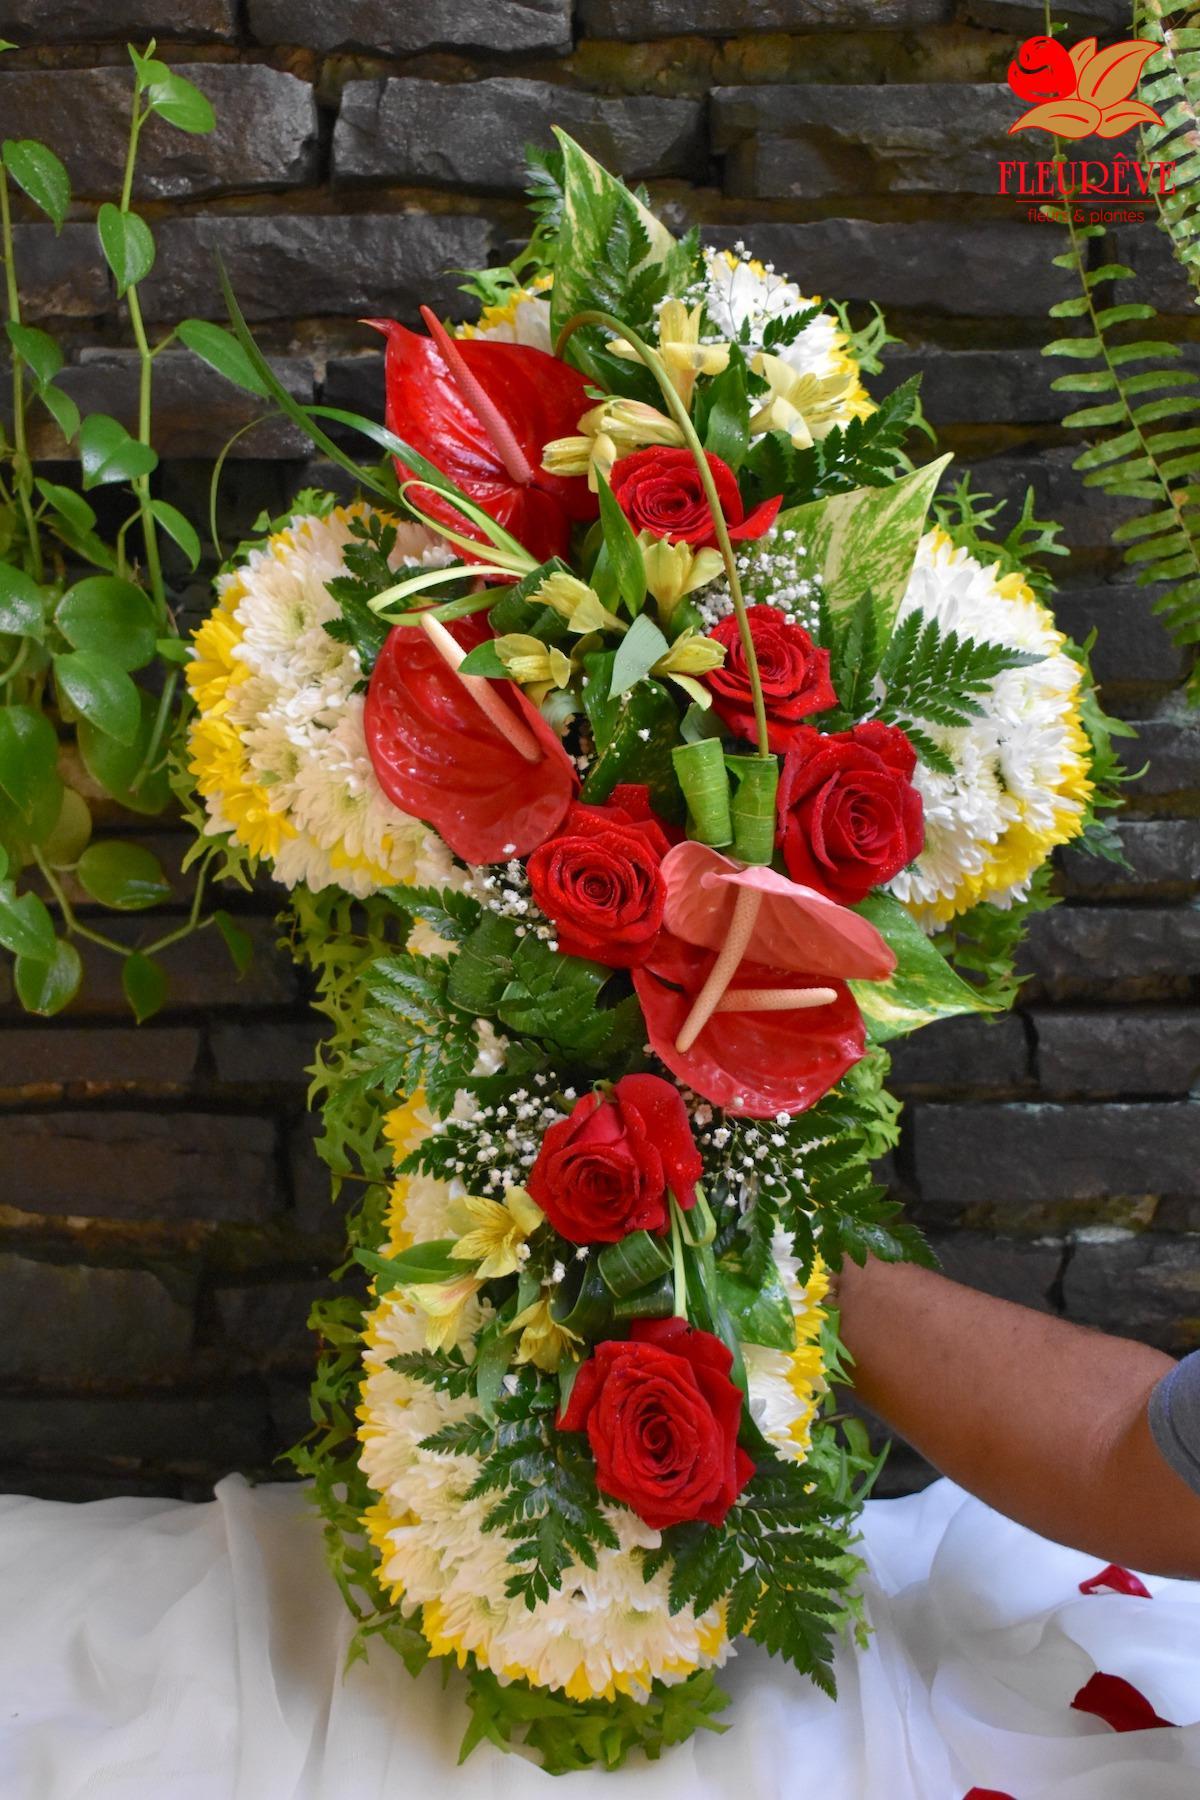 Fleurêve Fleuriste en Martinique vous propose de nombreuses variétés de roses